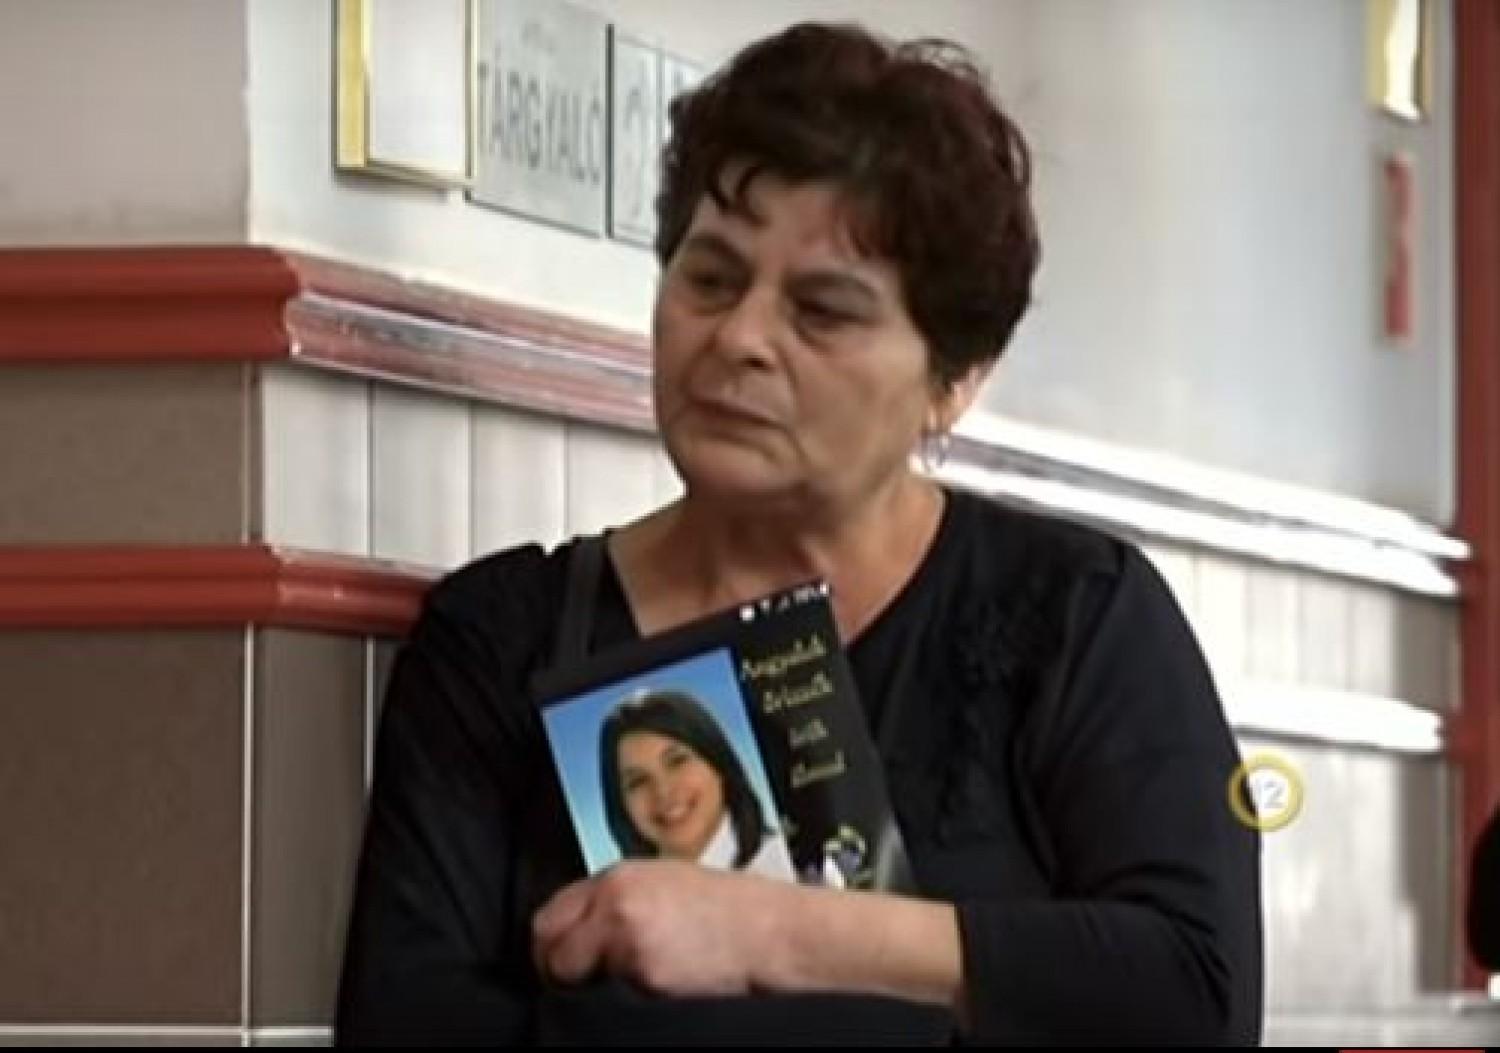 Minden család rémálma, ami 17 éves Annával történt (videó)